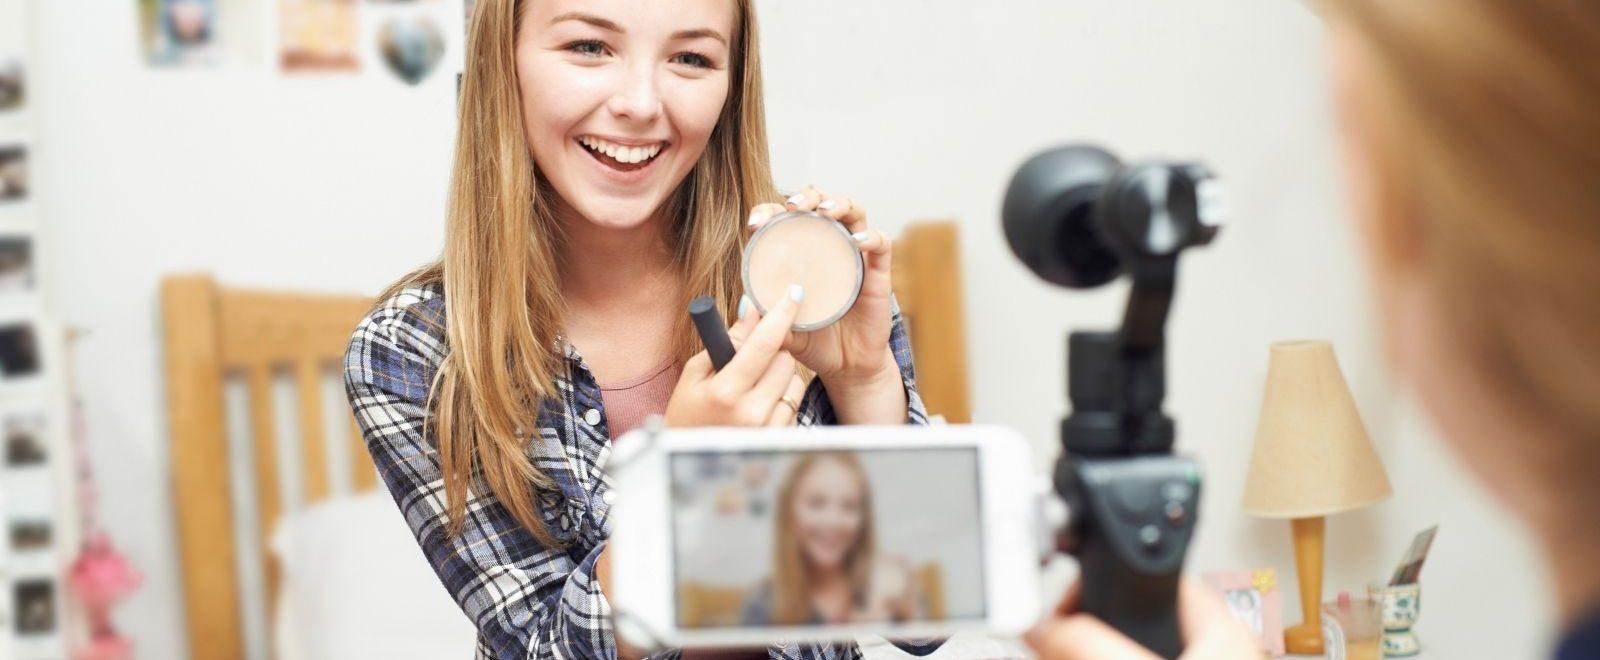 Video content marketing: ragazza sorridente mostra il prodotto alla videocamera